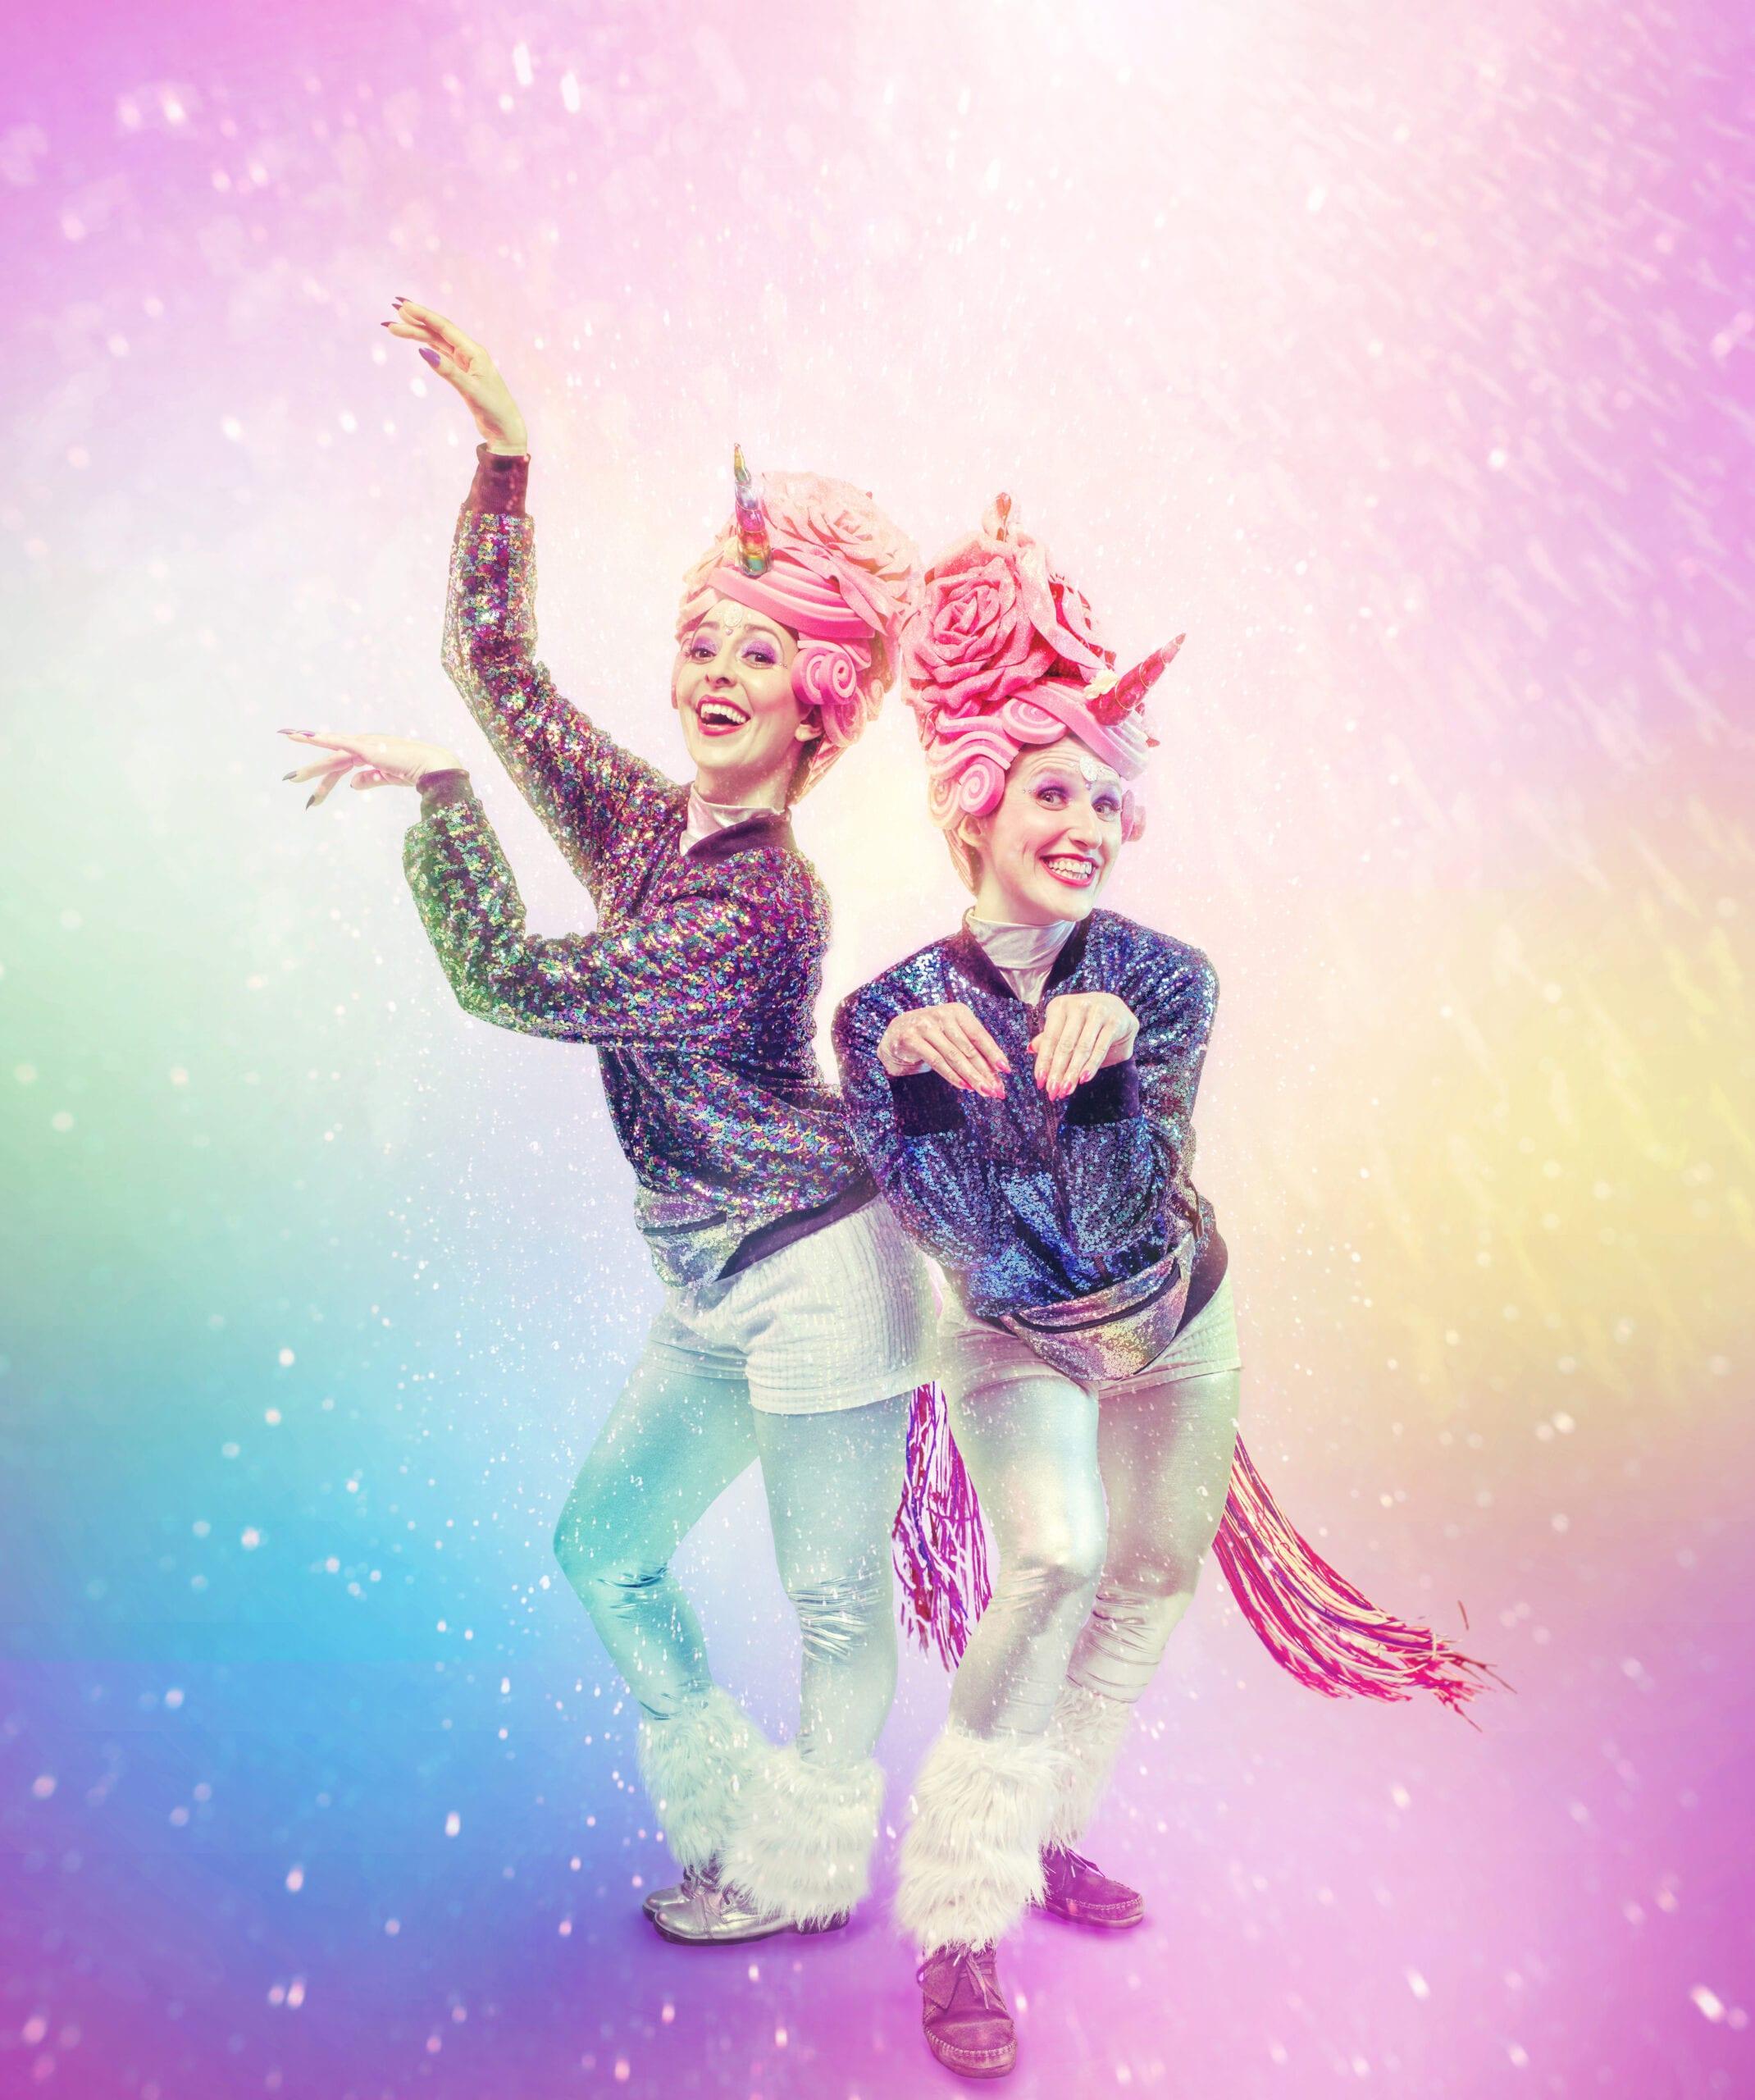 Festival of Fun 21: Unicorn Dance Party